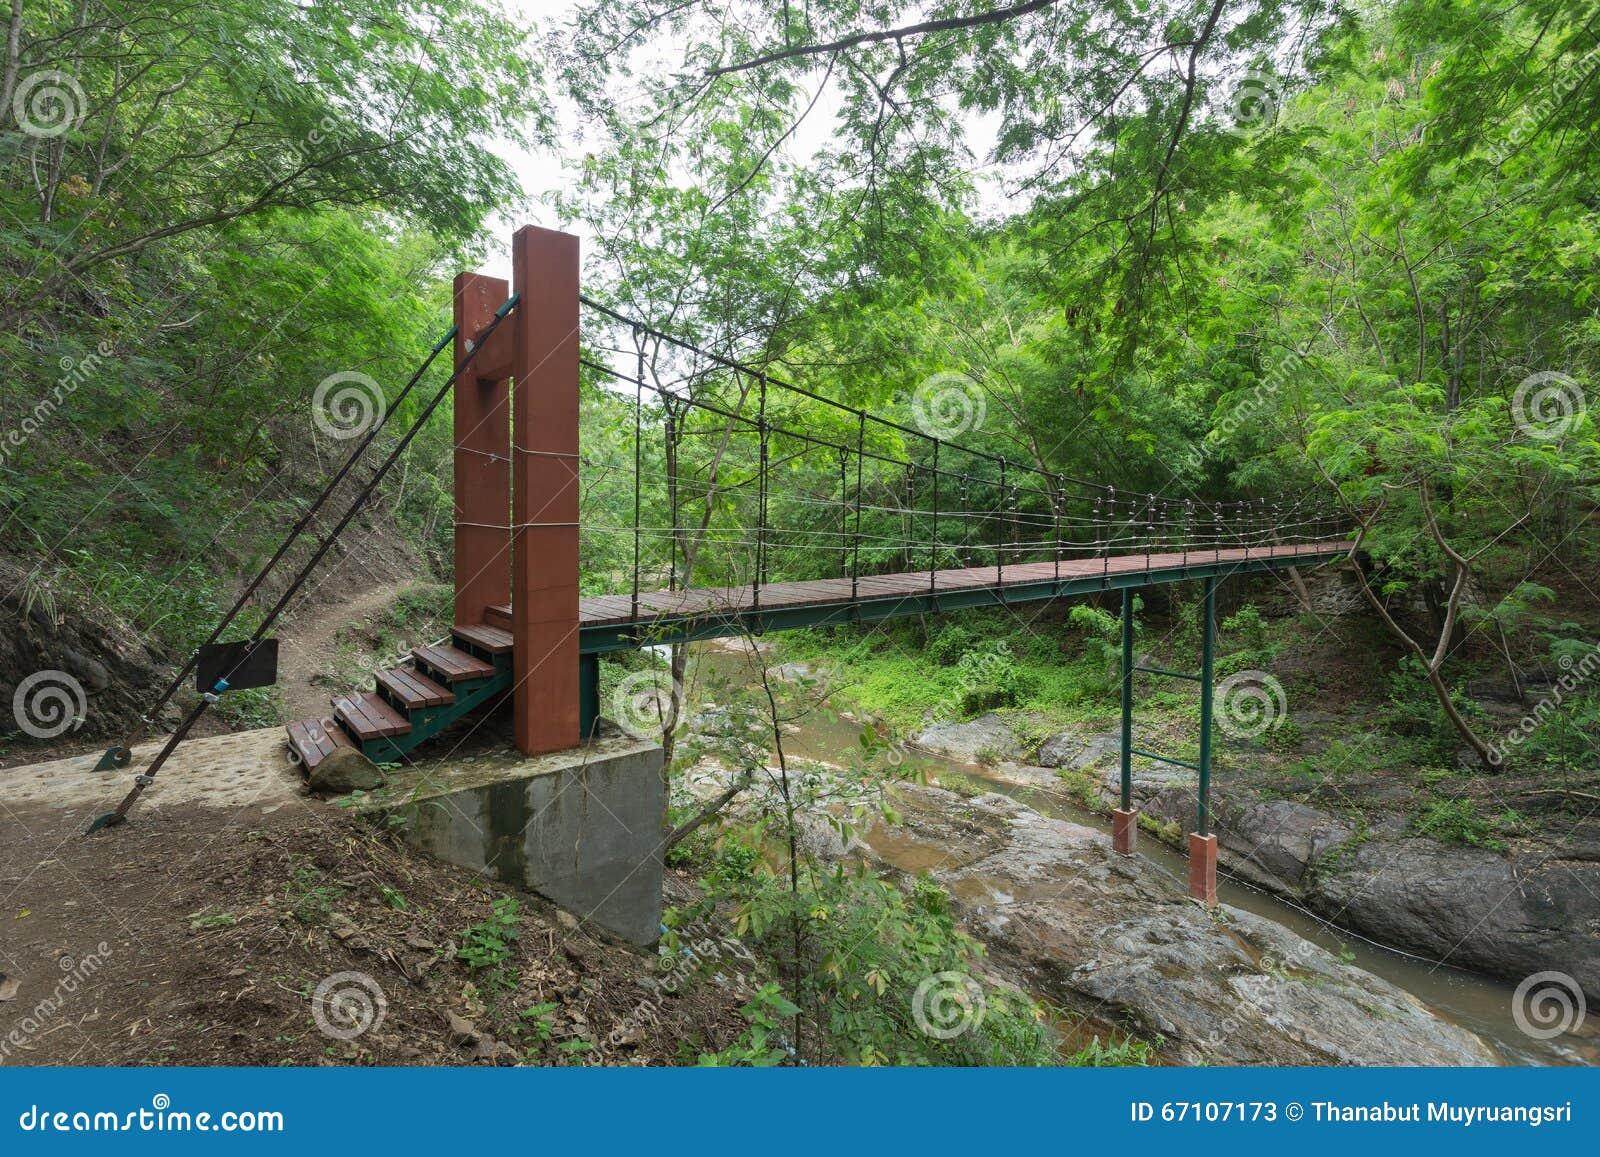 Drahtseilbrücke stockbild. Bild von hölzern, holz, betrieb - 67107173